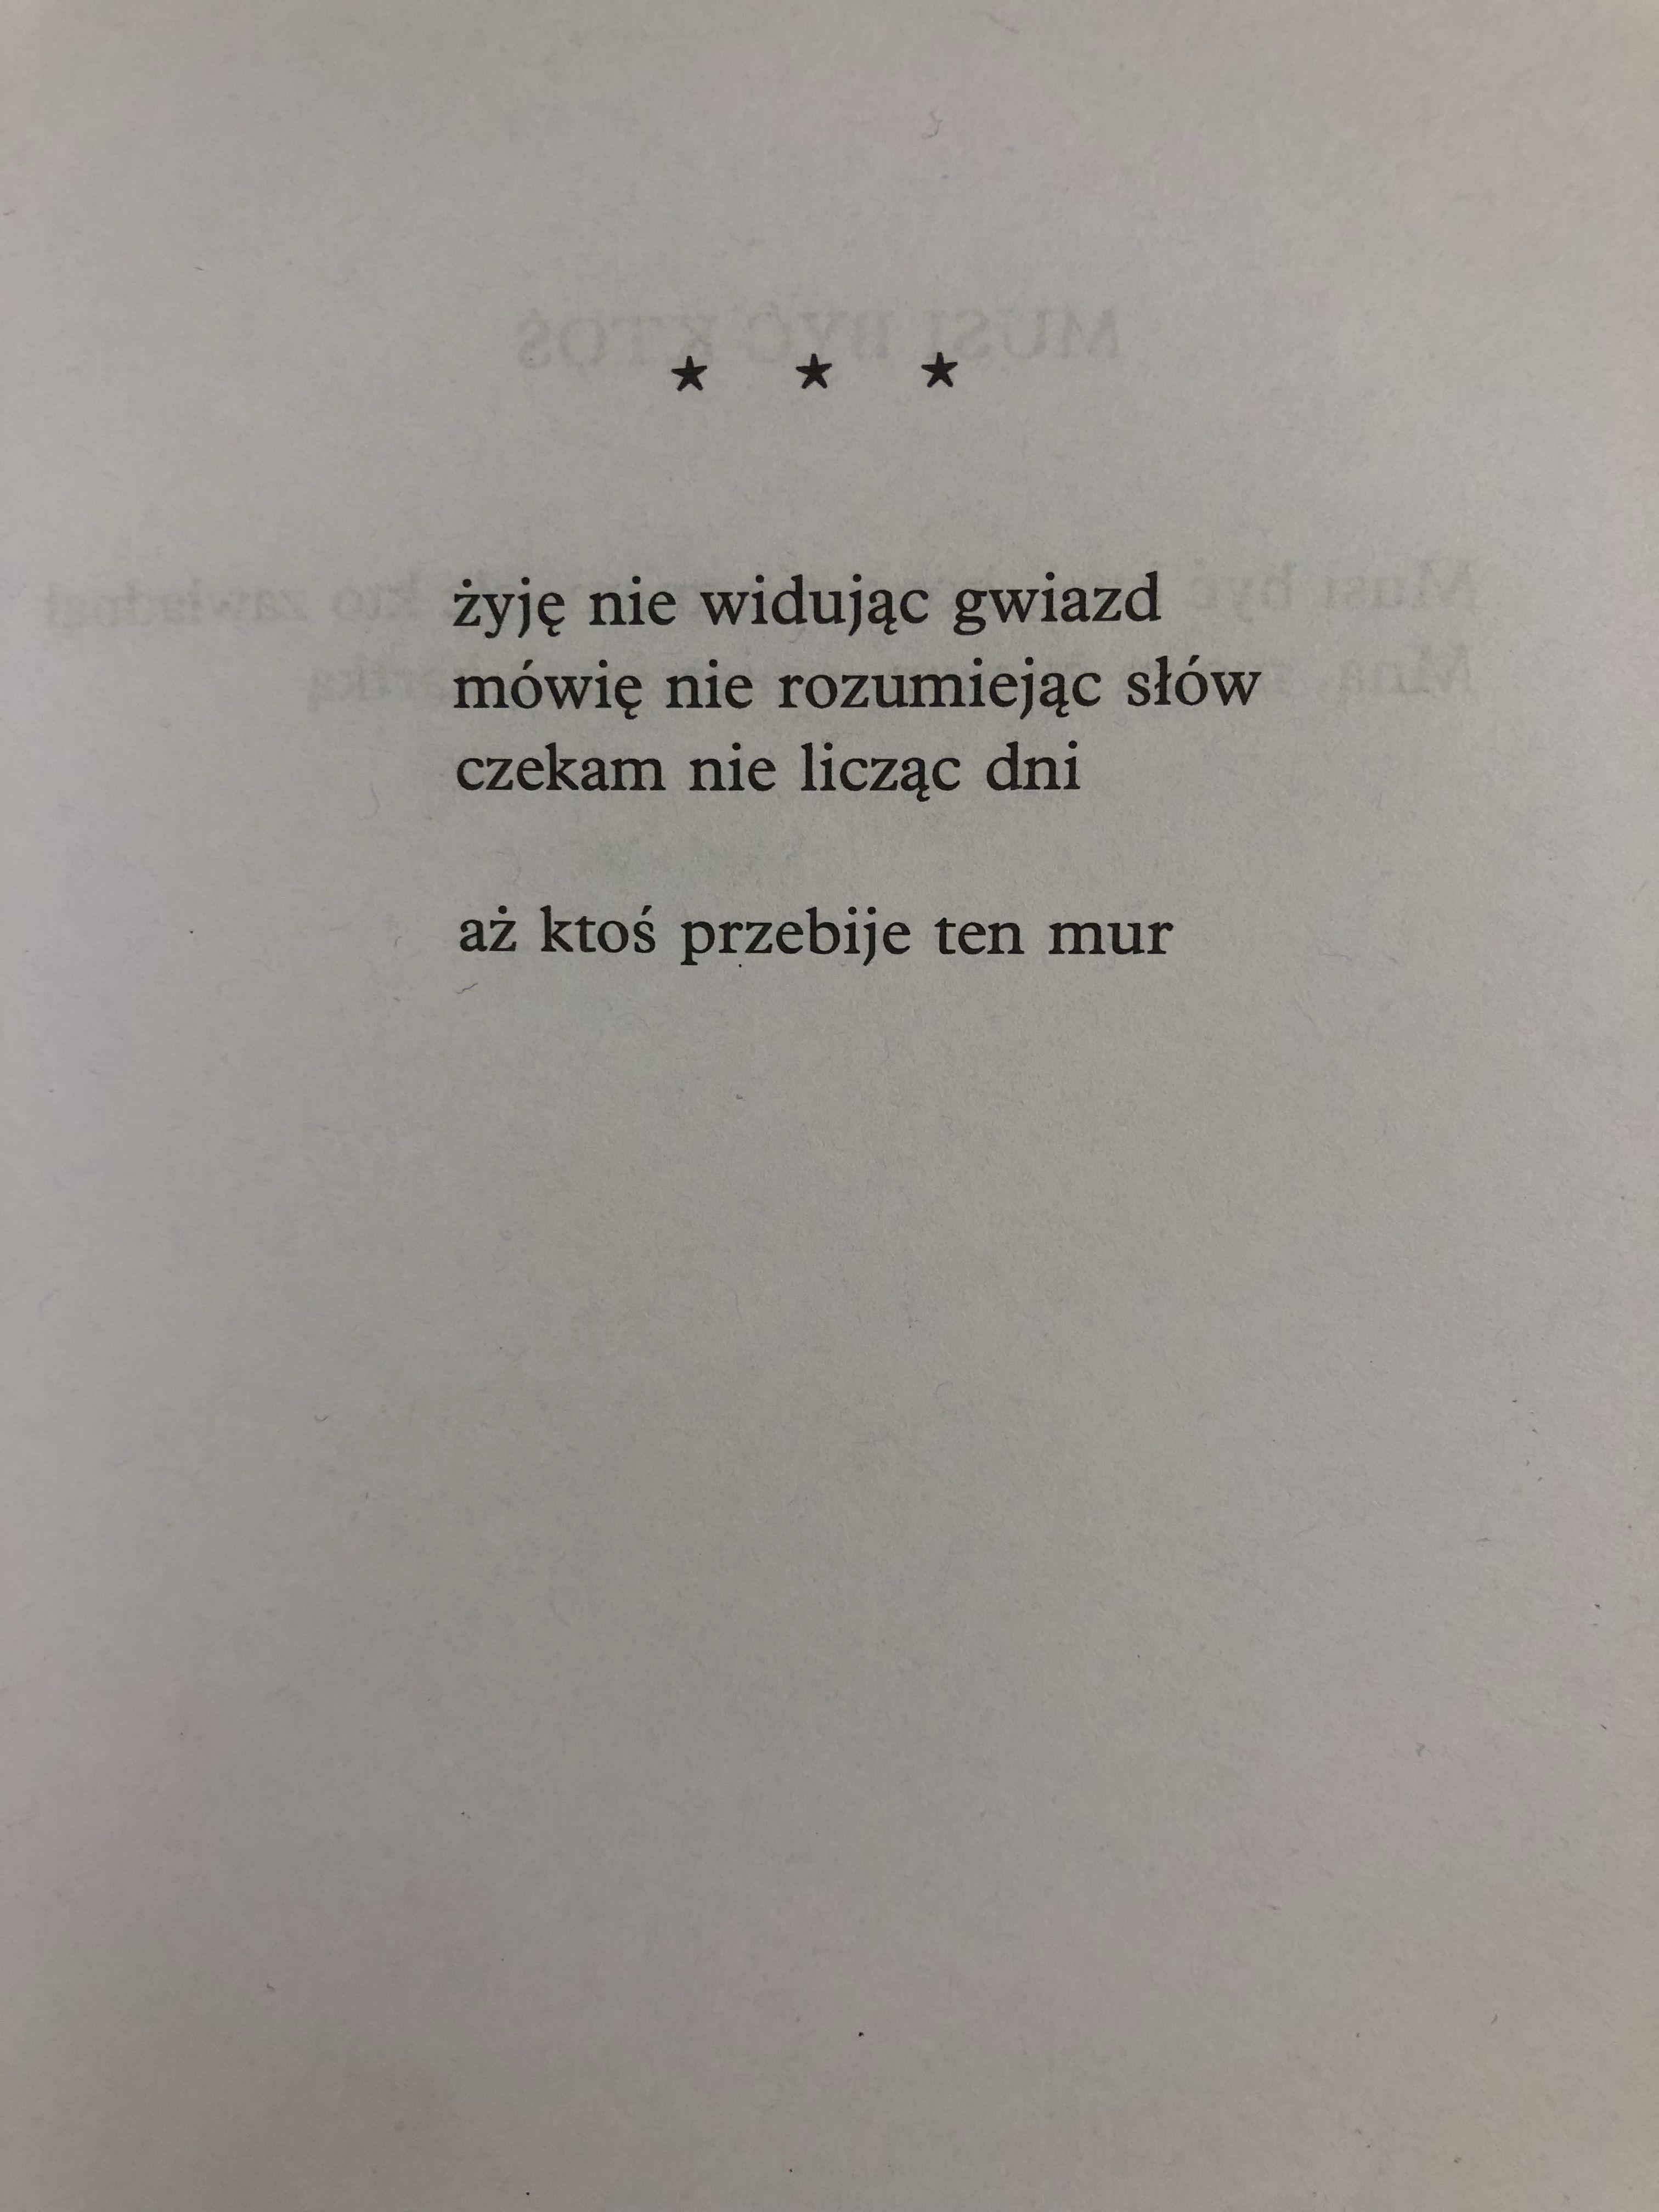 Wojaczek Quotations Poetry Quotes Life Quotes